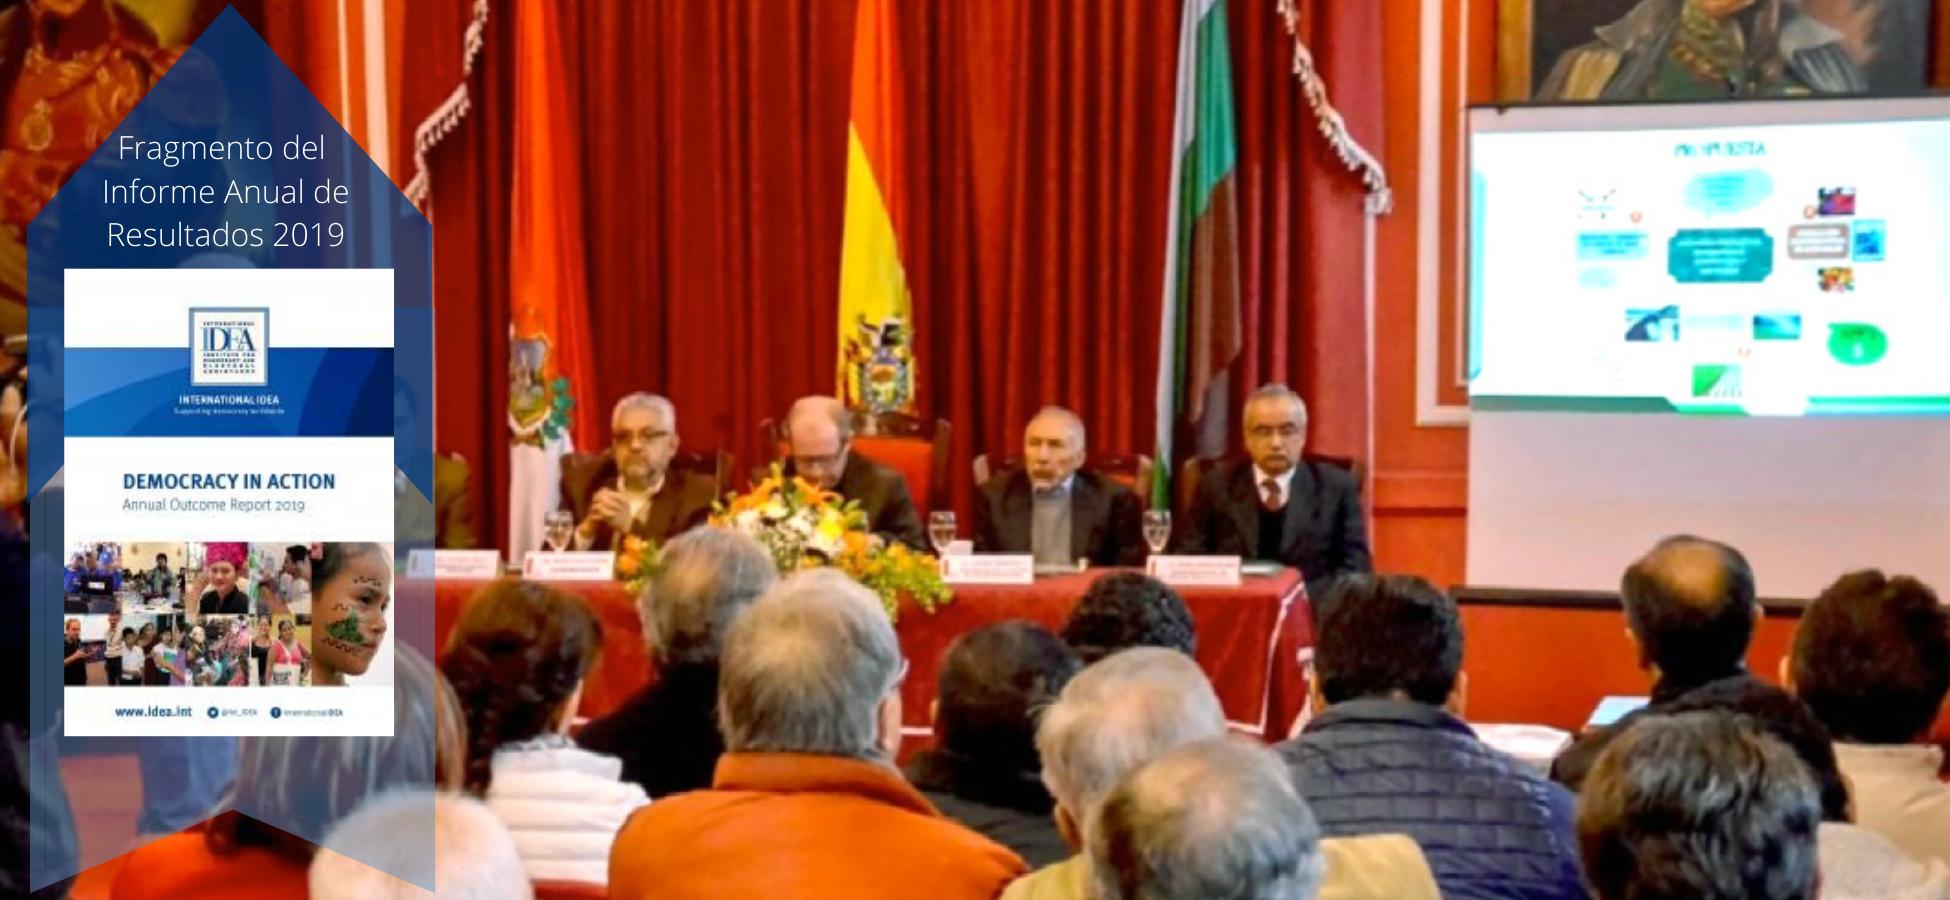 Panelistas y asistentes discutiendo el desarrollo en Tarija, en presencia del gobernador.